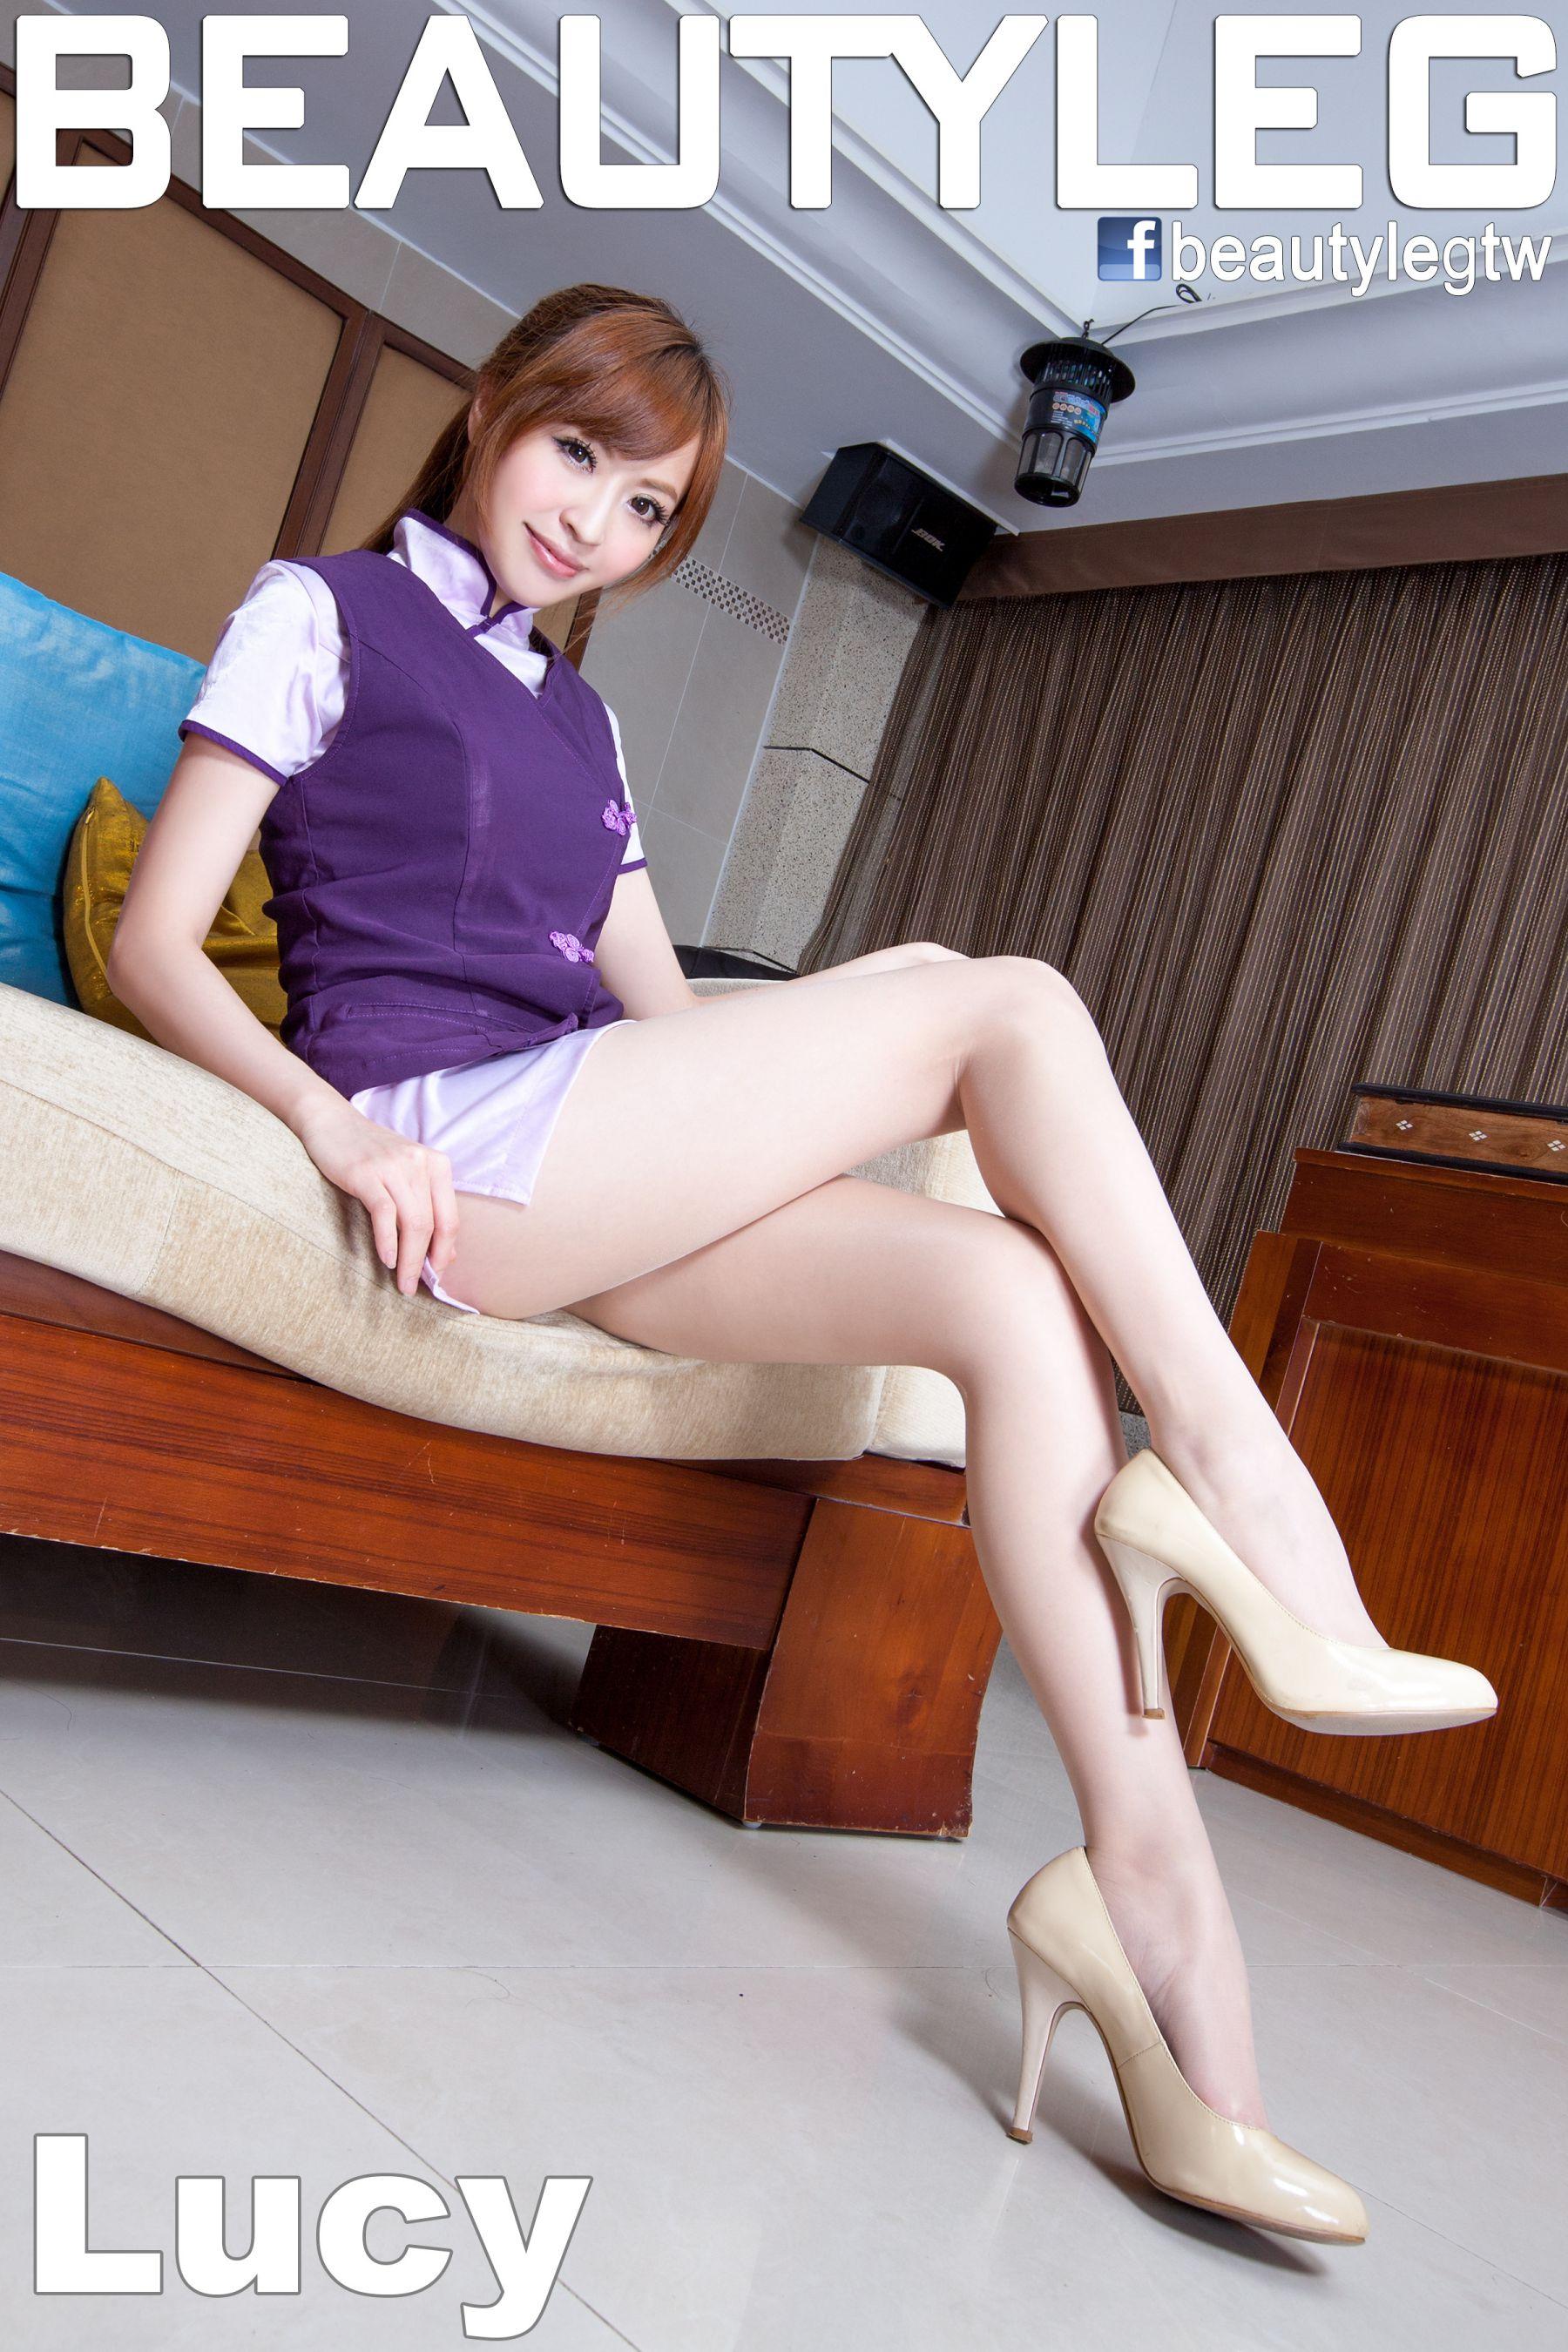 VOL.1724 [Beautyleg]高跟美腿:倪千凌(腿模Lucy,陈佳筠)高品质写真套图(47P)